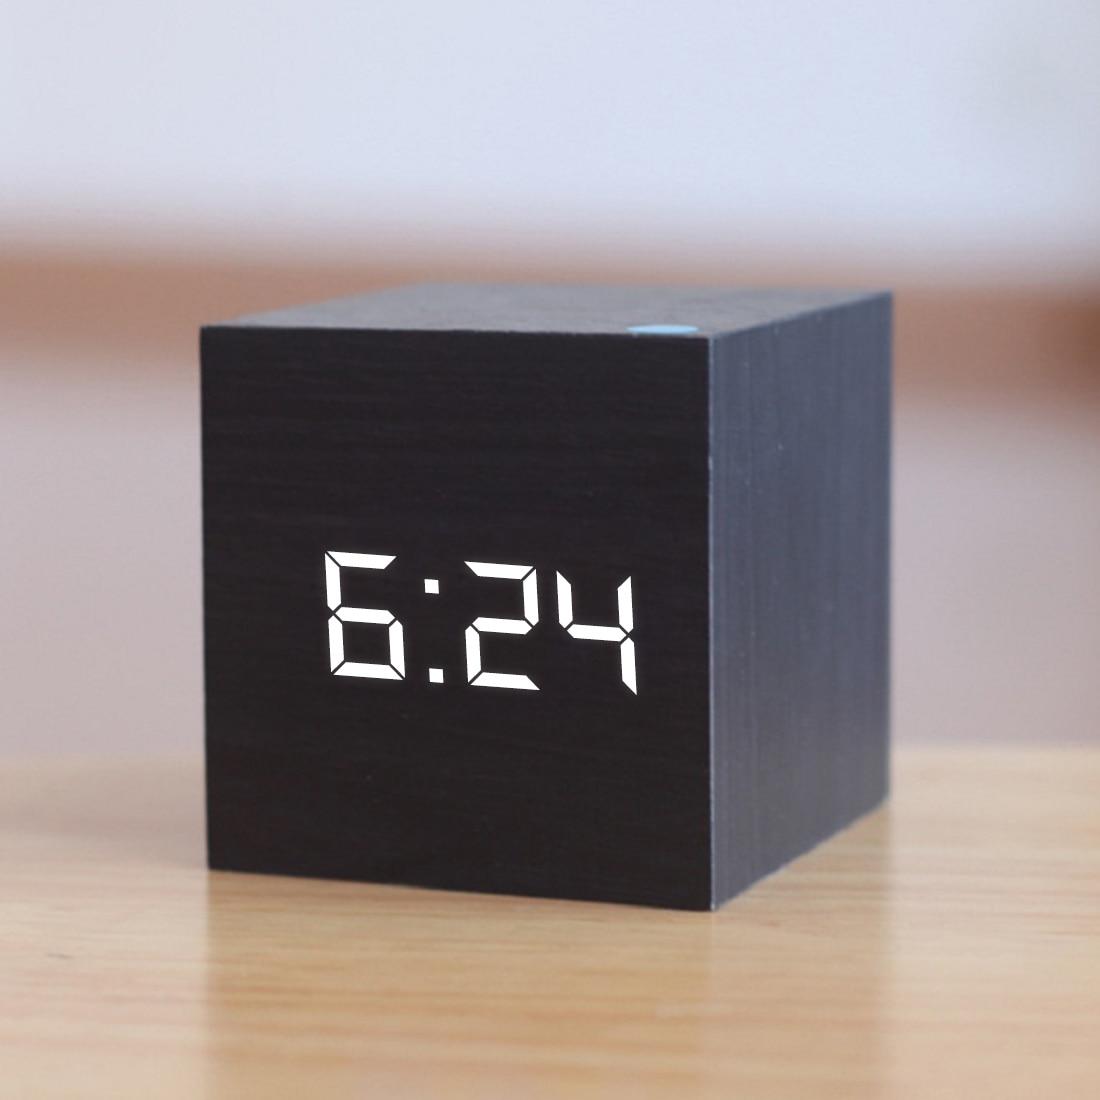 Alarme numérique en bois style rétro | Nouvelle qualité, horloge à lueur rétro, décor de Table de bureau, commande vocale, outils de bureau